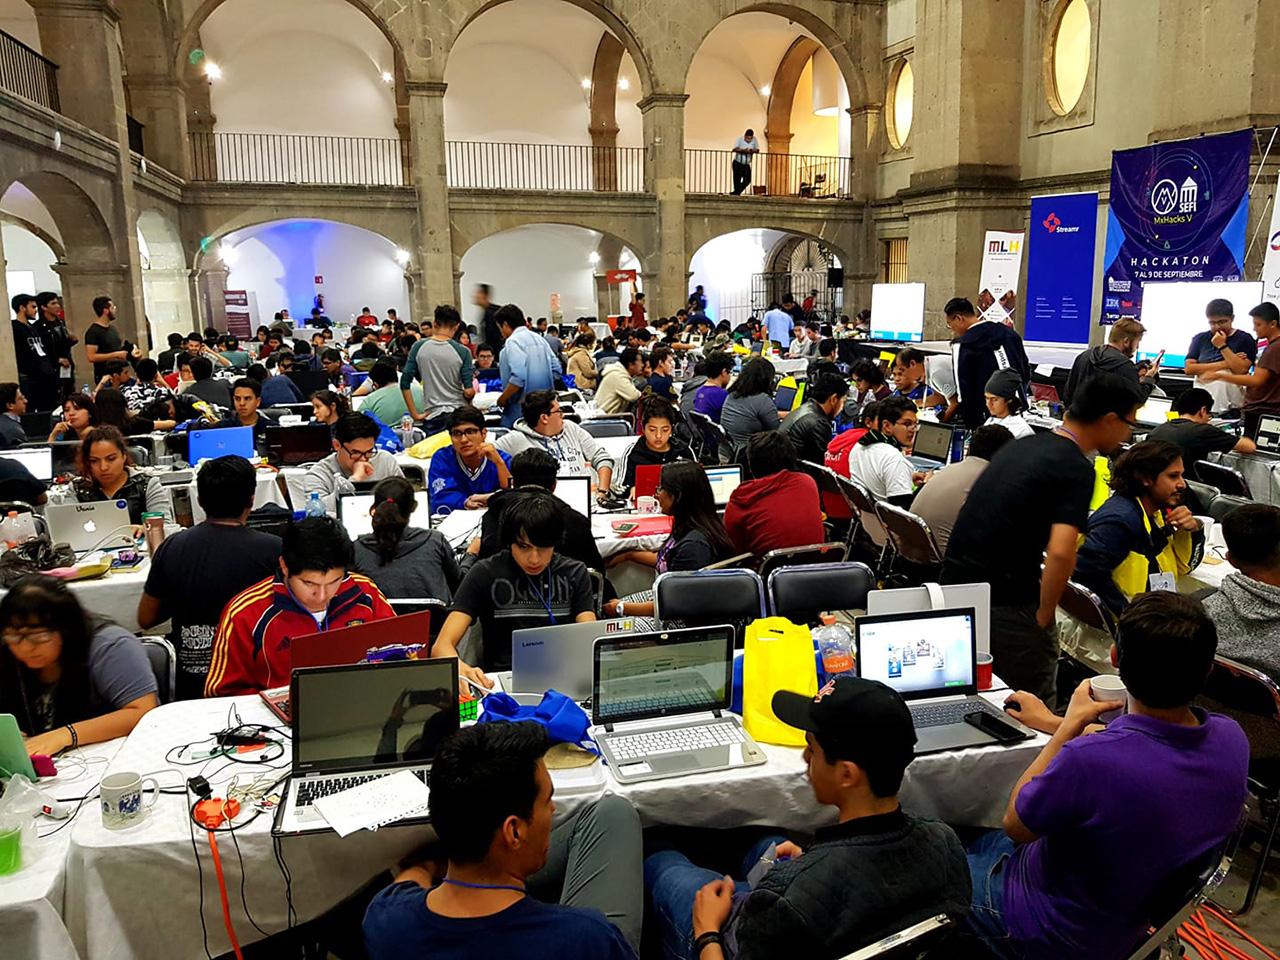 Mexicanos ganan con propuestas sociales un Hackaton